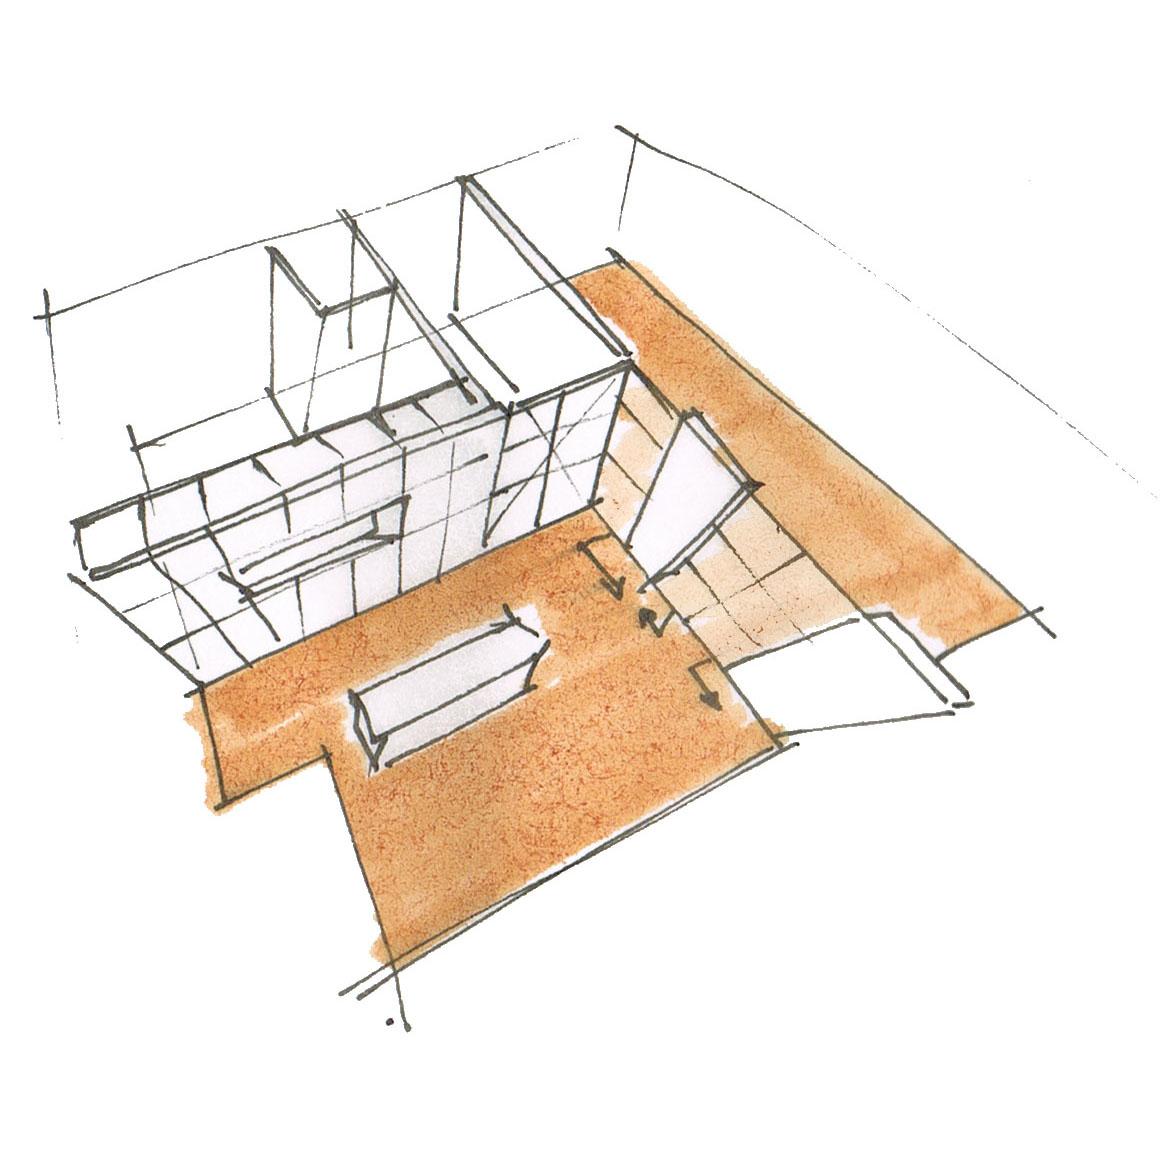 Ontwerp voor een nieuwe indeling van een bijzondere jaren '30 woning.